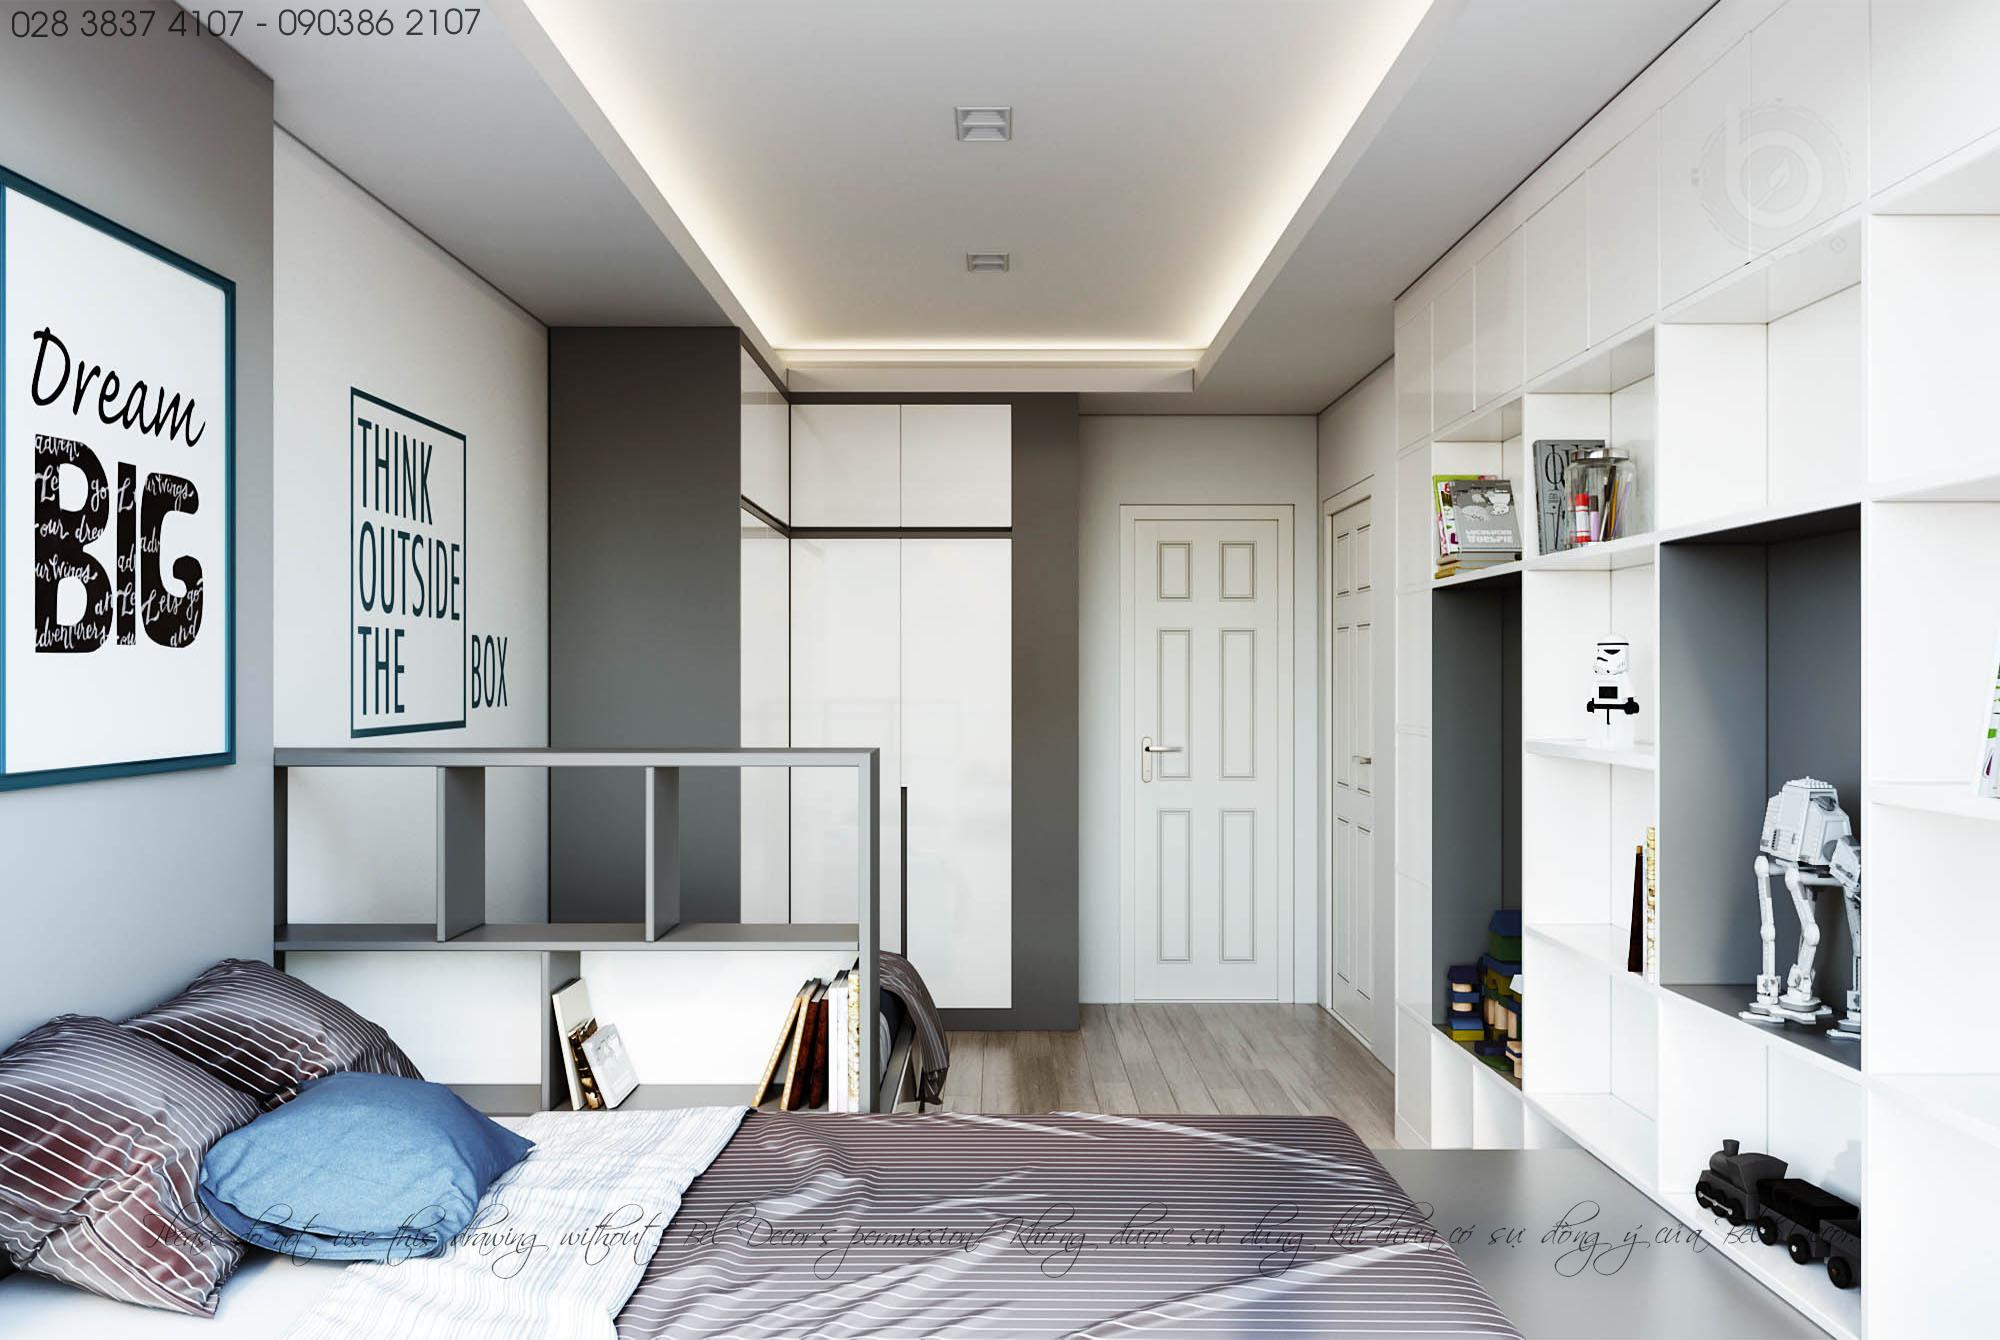 thiết kế nội thất chung cư tại Hồ Chí Minh THIẾT KẾ NỘI THẤT CĂN HỘ (HO1902) 5 1560306006